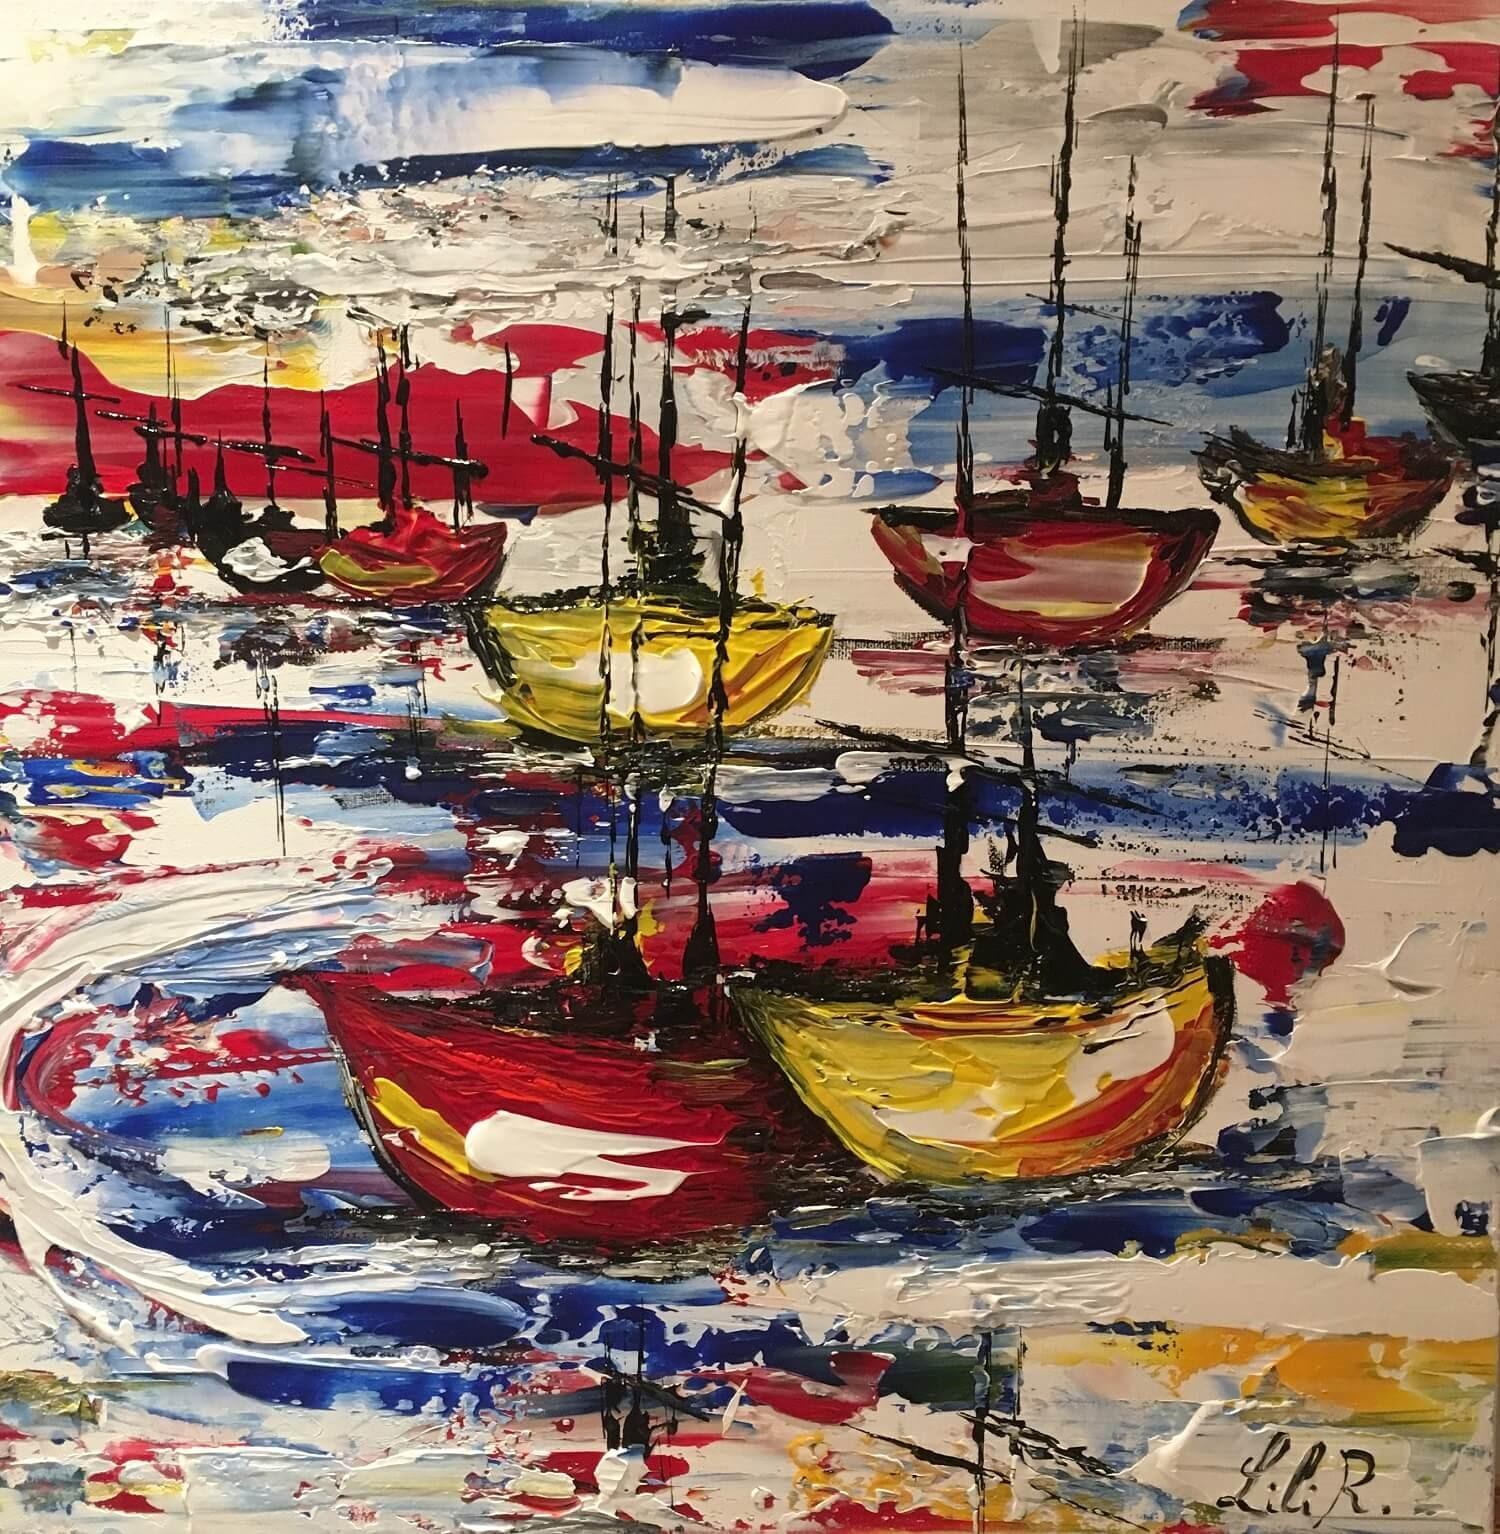 tableau acrylique couteaux my little boat severine richer format 50x50